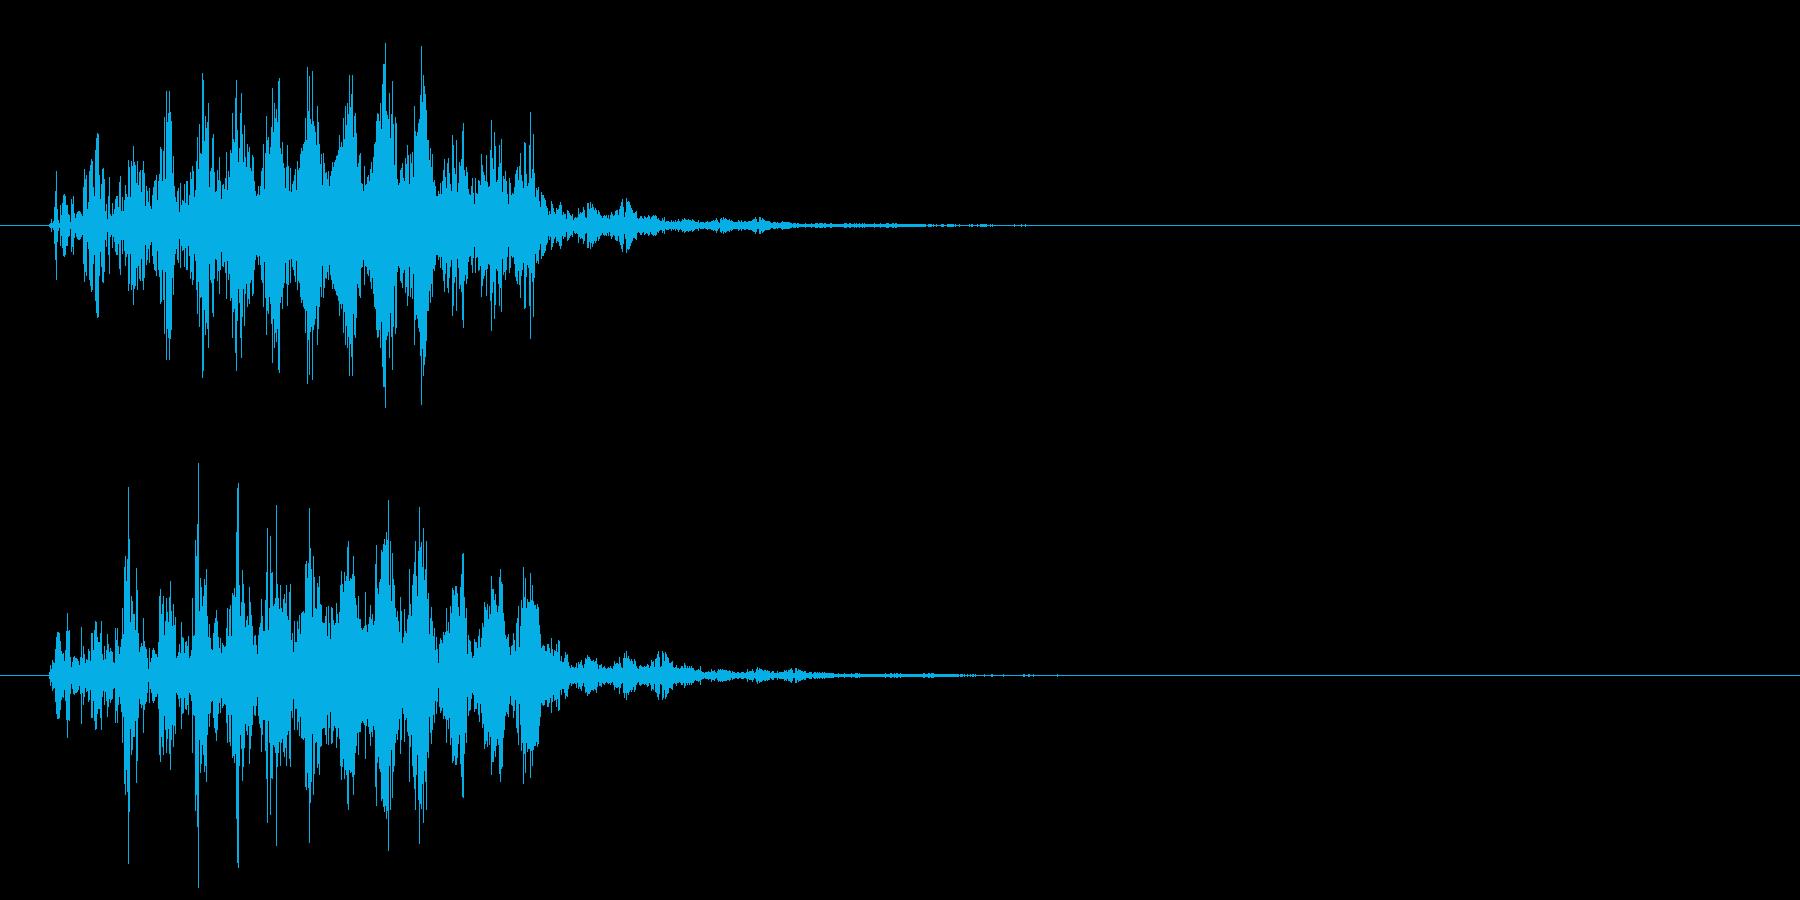 ブワッ(パワーアップ・出現・物を投げる)の再生済みの波形